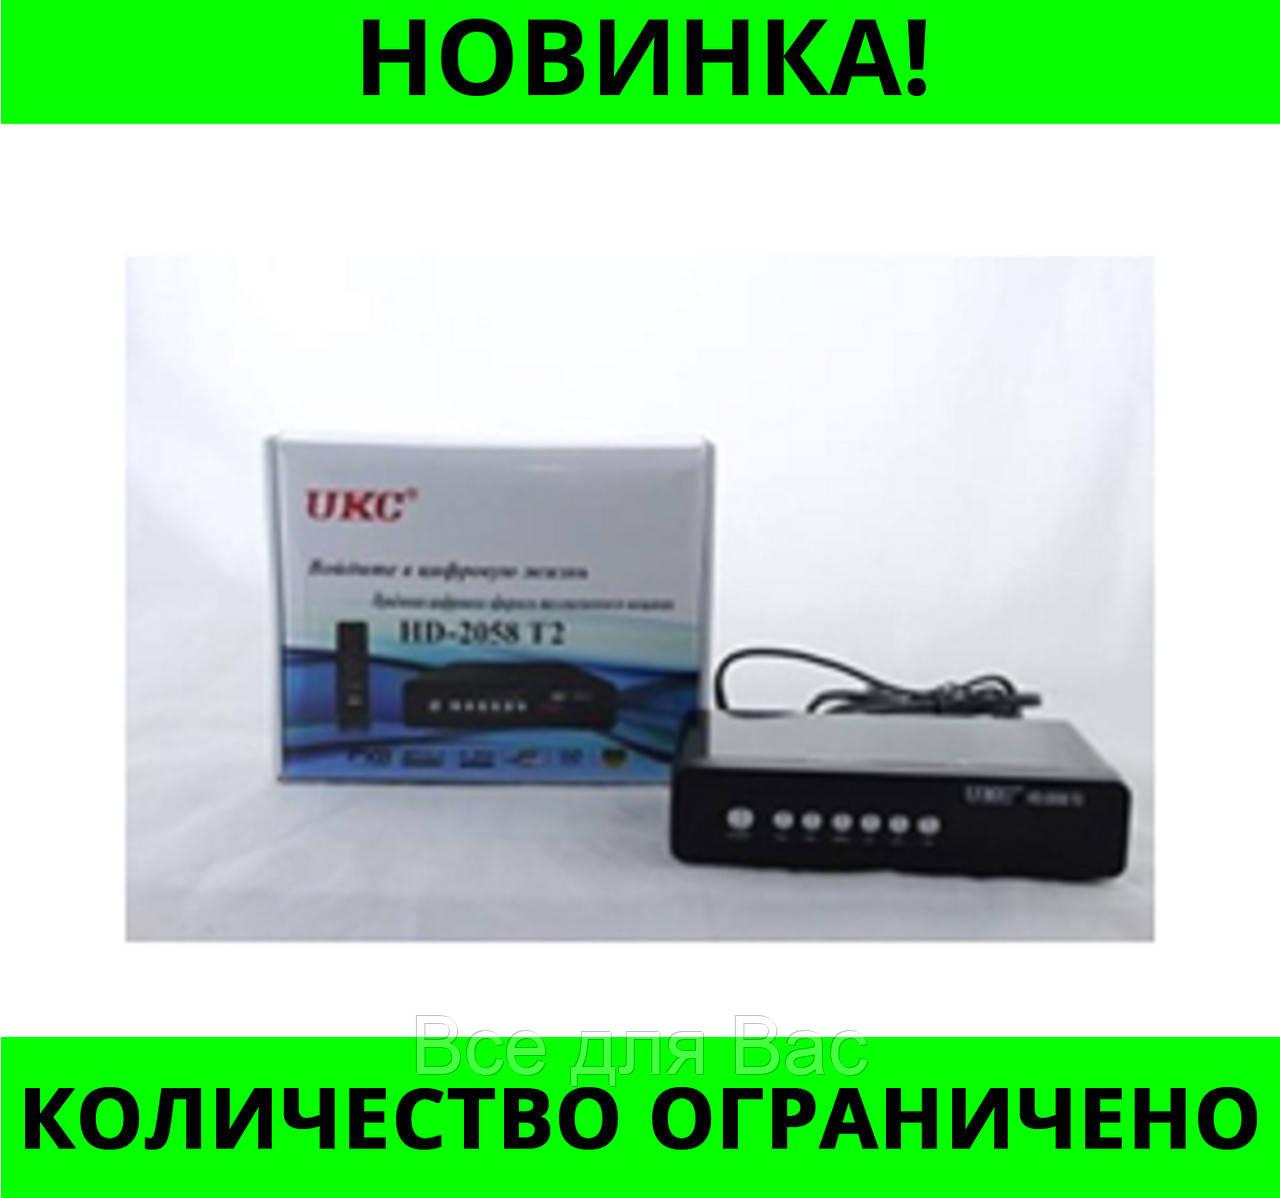 Тюнер DVB-T2 2058 METAL с поддержкой wi-fi адаптера!Розница и Опт